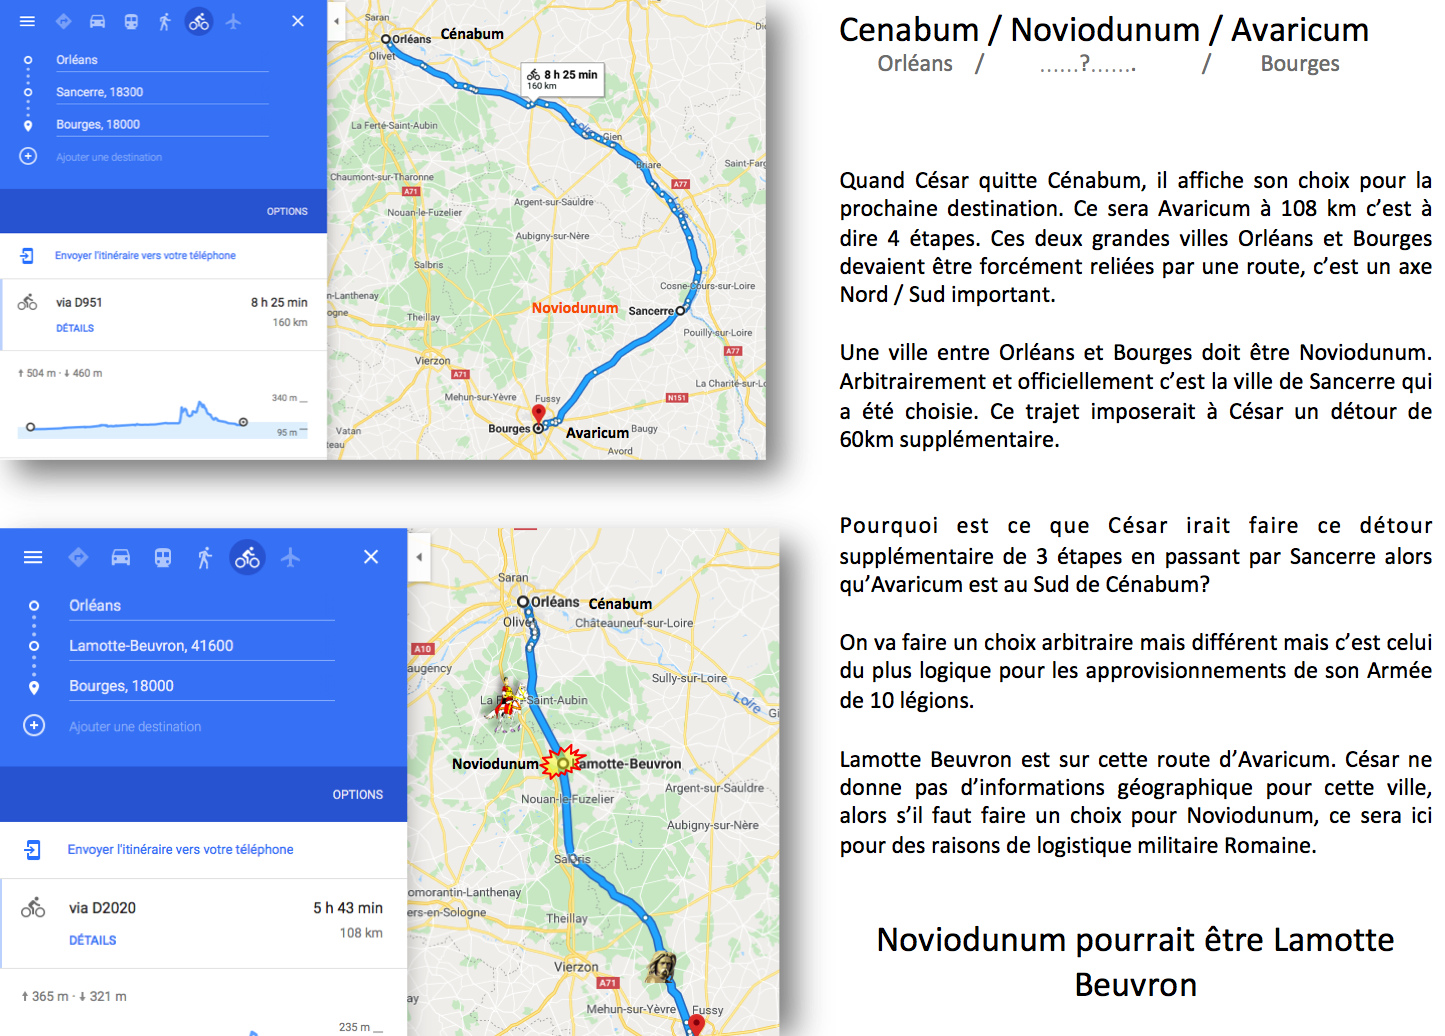 Noviodunum entre Cenabum et Avaricum